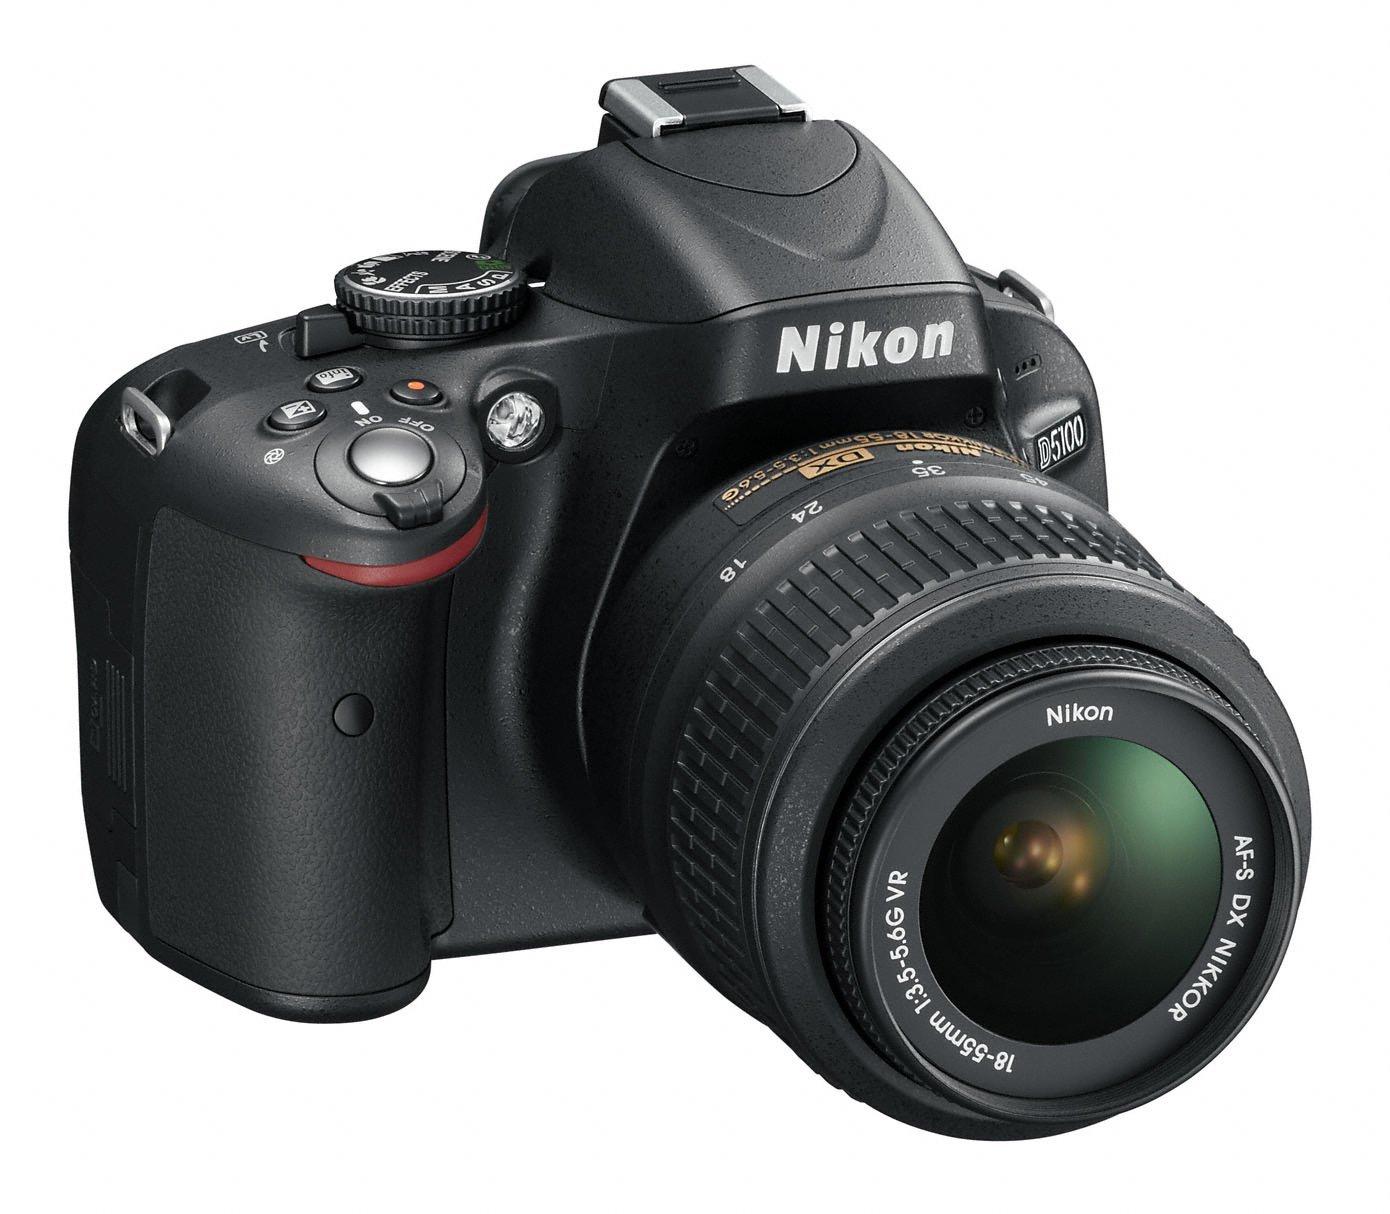 """Nikon D5100 Juego de cámara SLR 16.2MP 1/2.33"""" CMOS 4928 x 3264Pixeles  Negro: Amazon.es: Electrónica"""